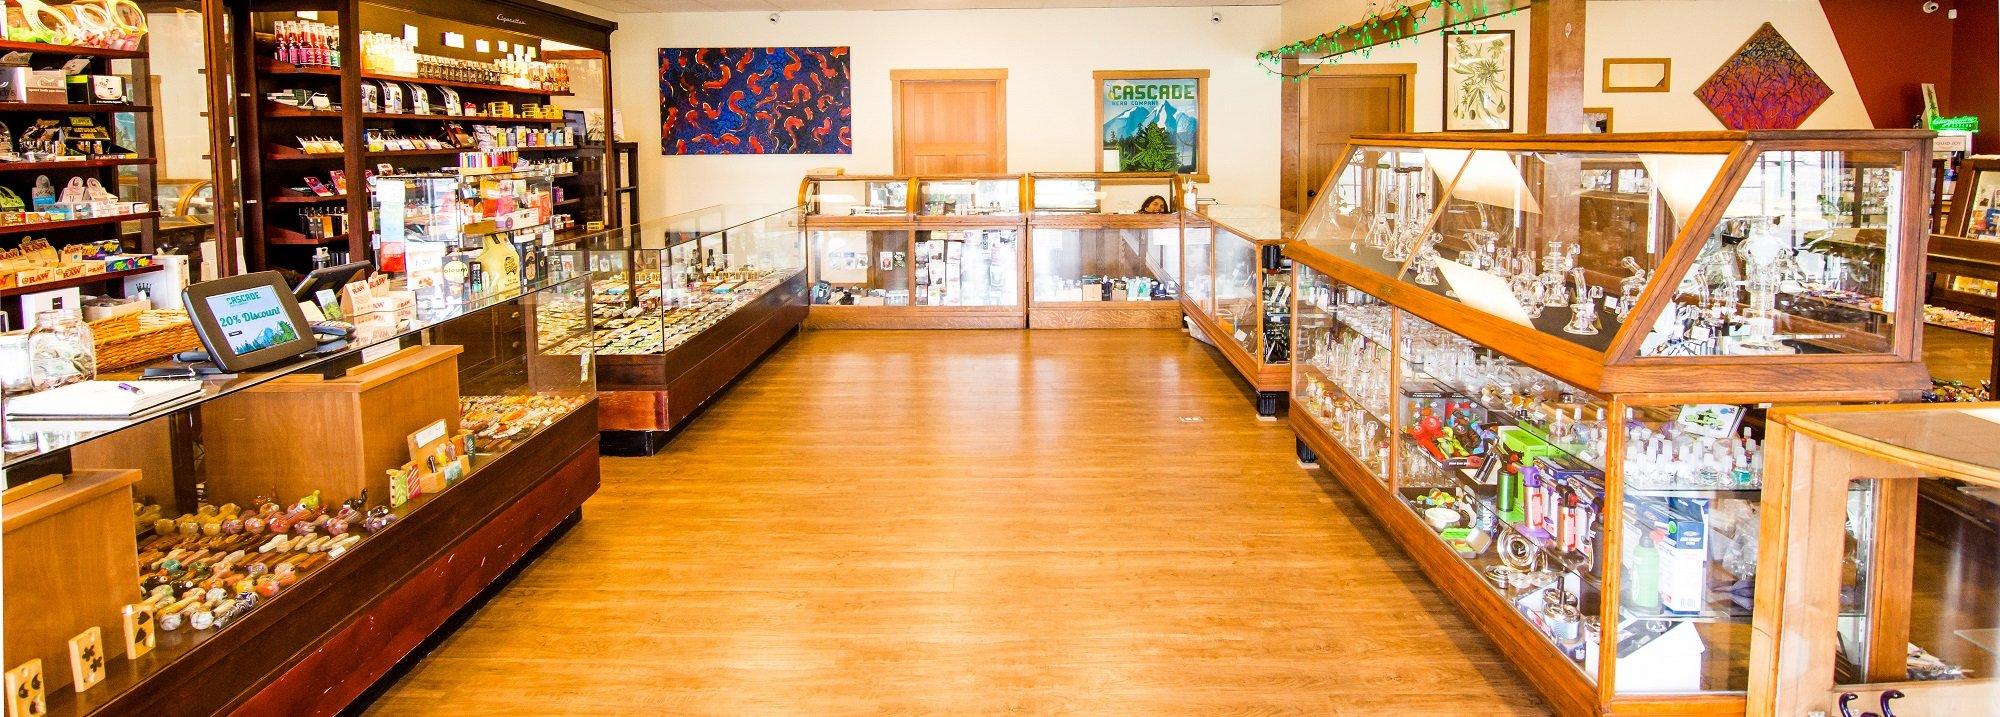 Cascade Herb Co Store Interior